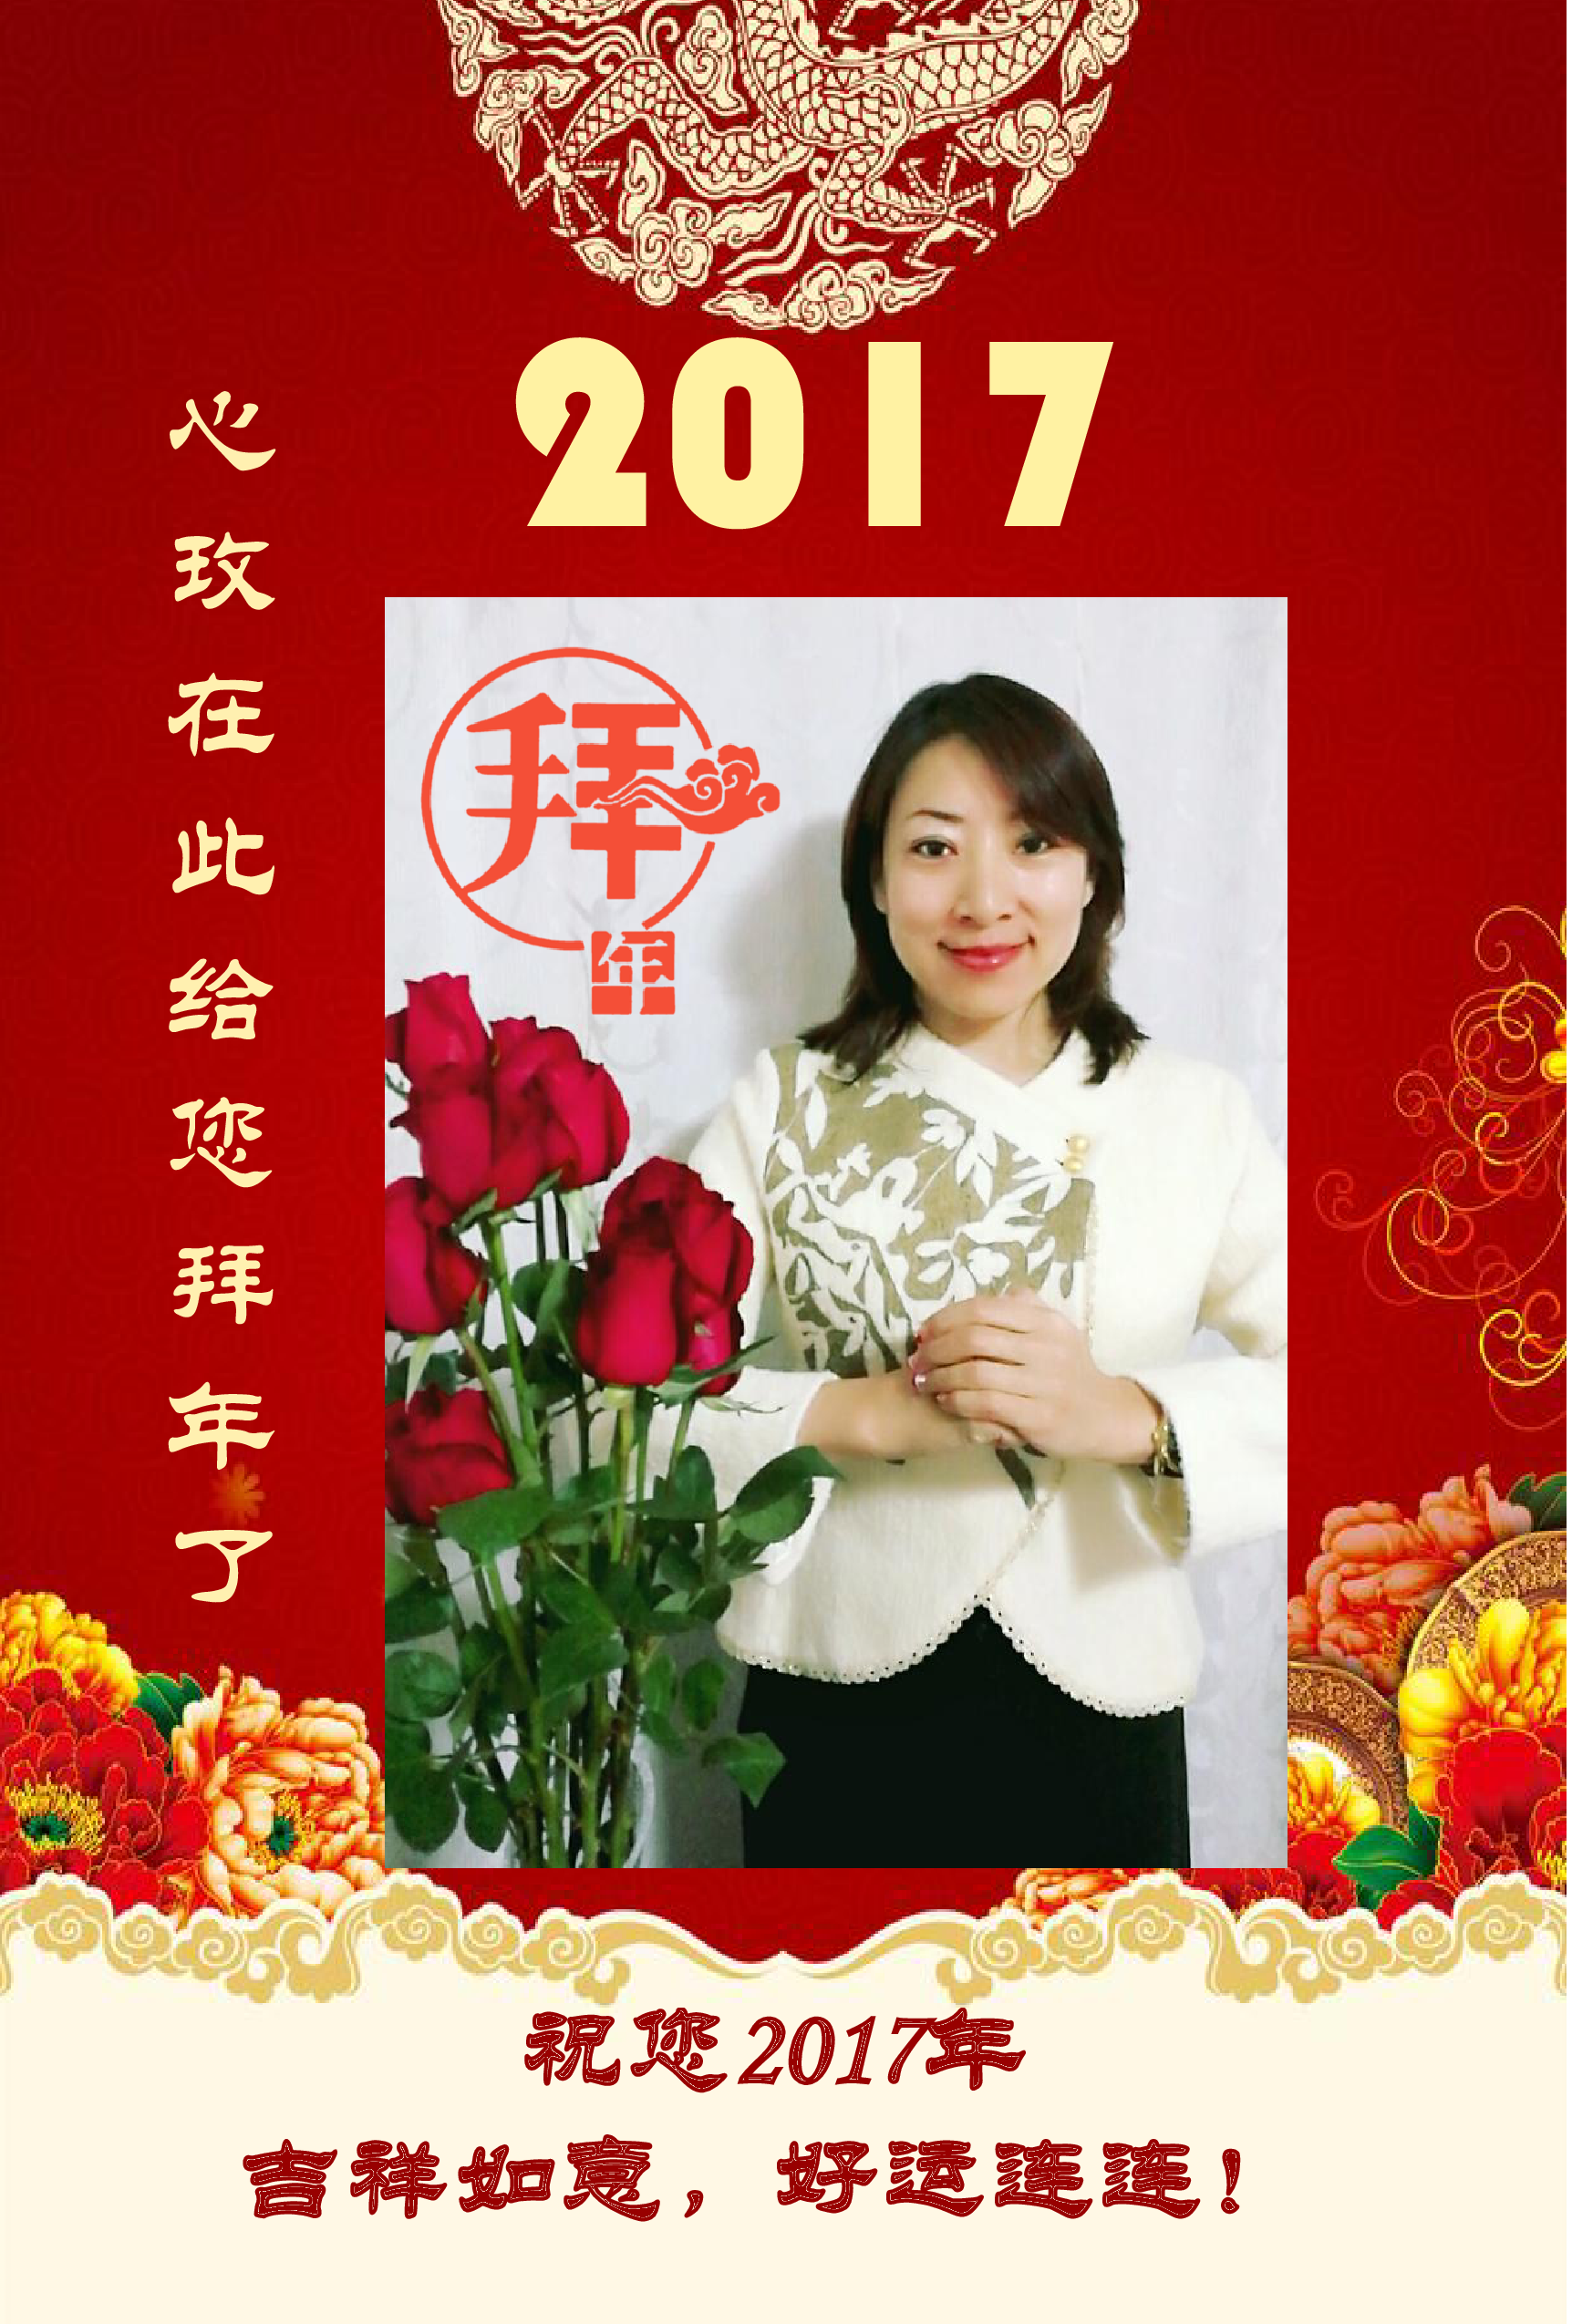 【心玫老师2017年新年贺词】在线收听